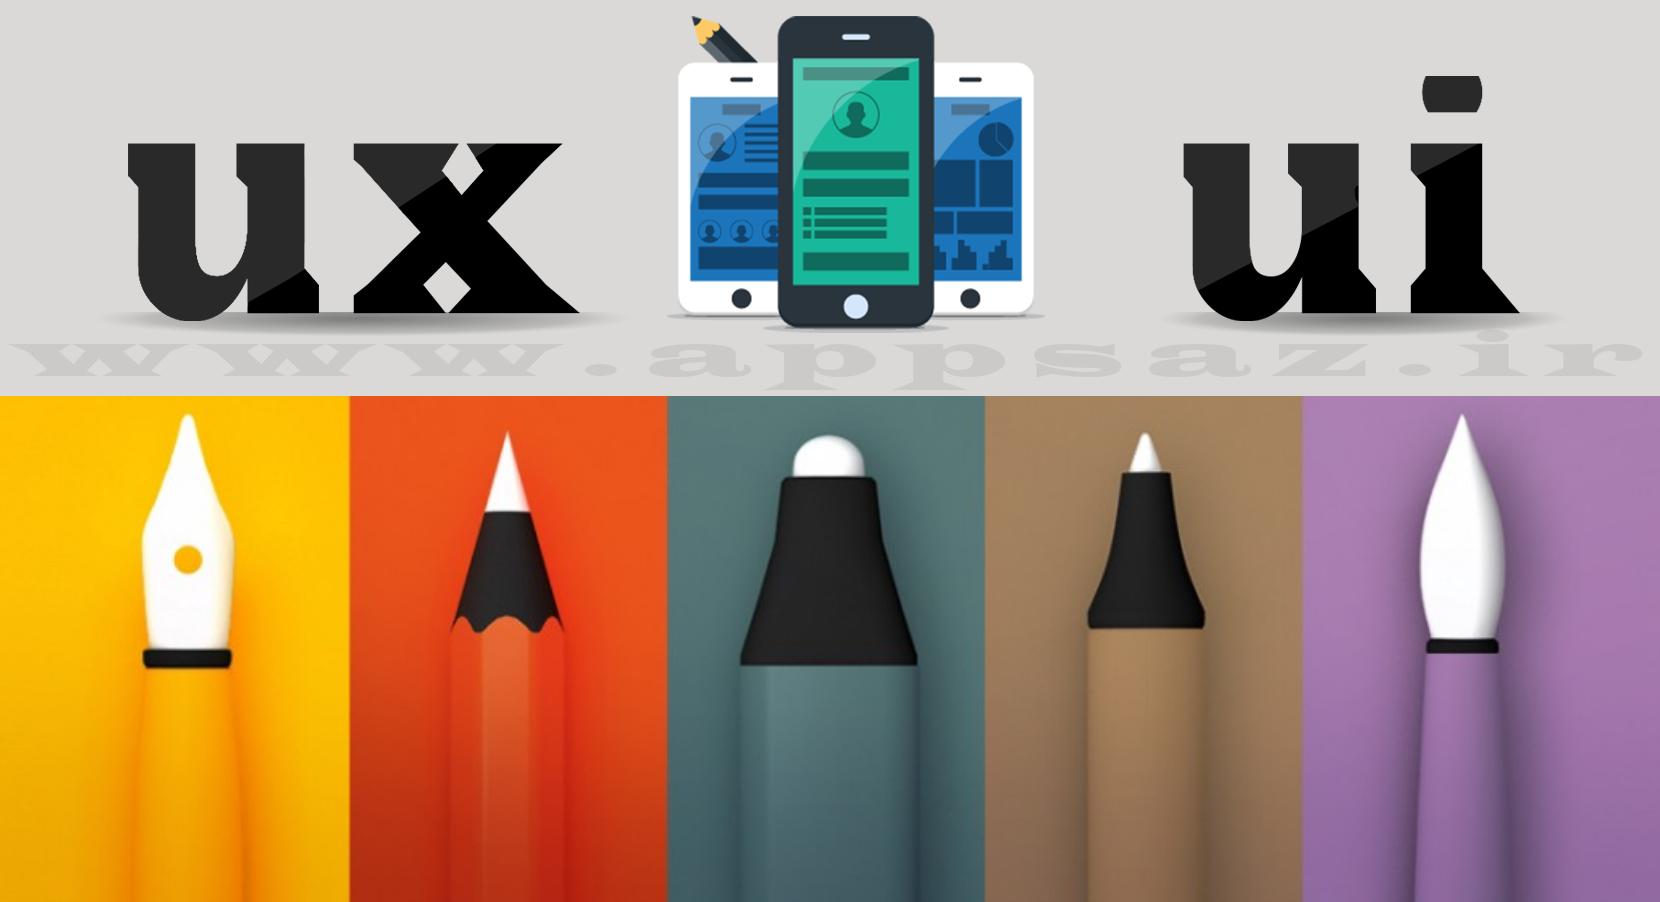 طراحی Ui و Ux چطور، توسط چه کسی و چه ابزاری انجام می شود؟<span style=